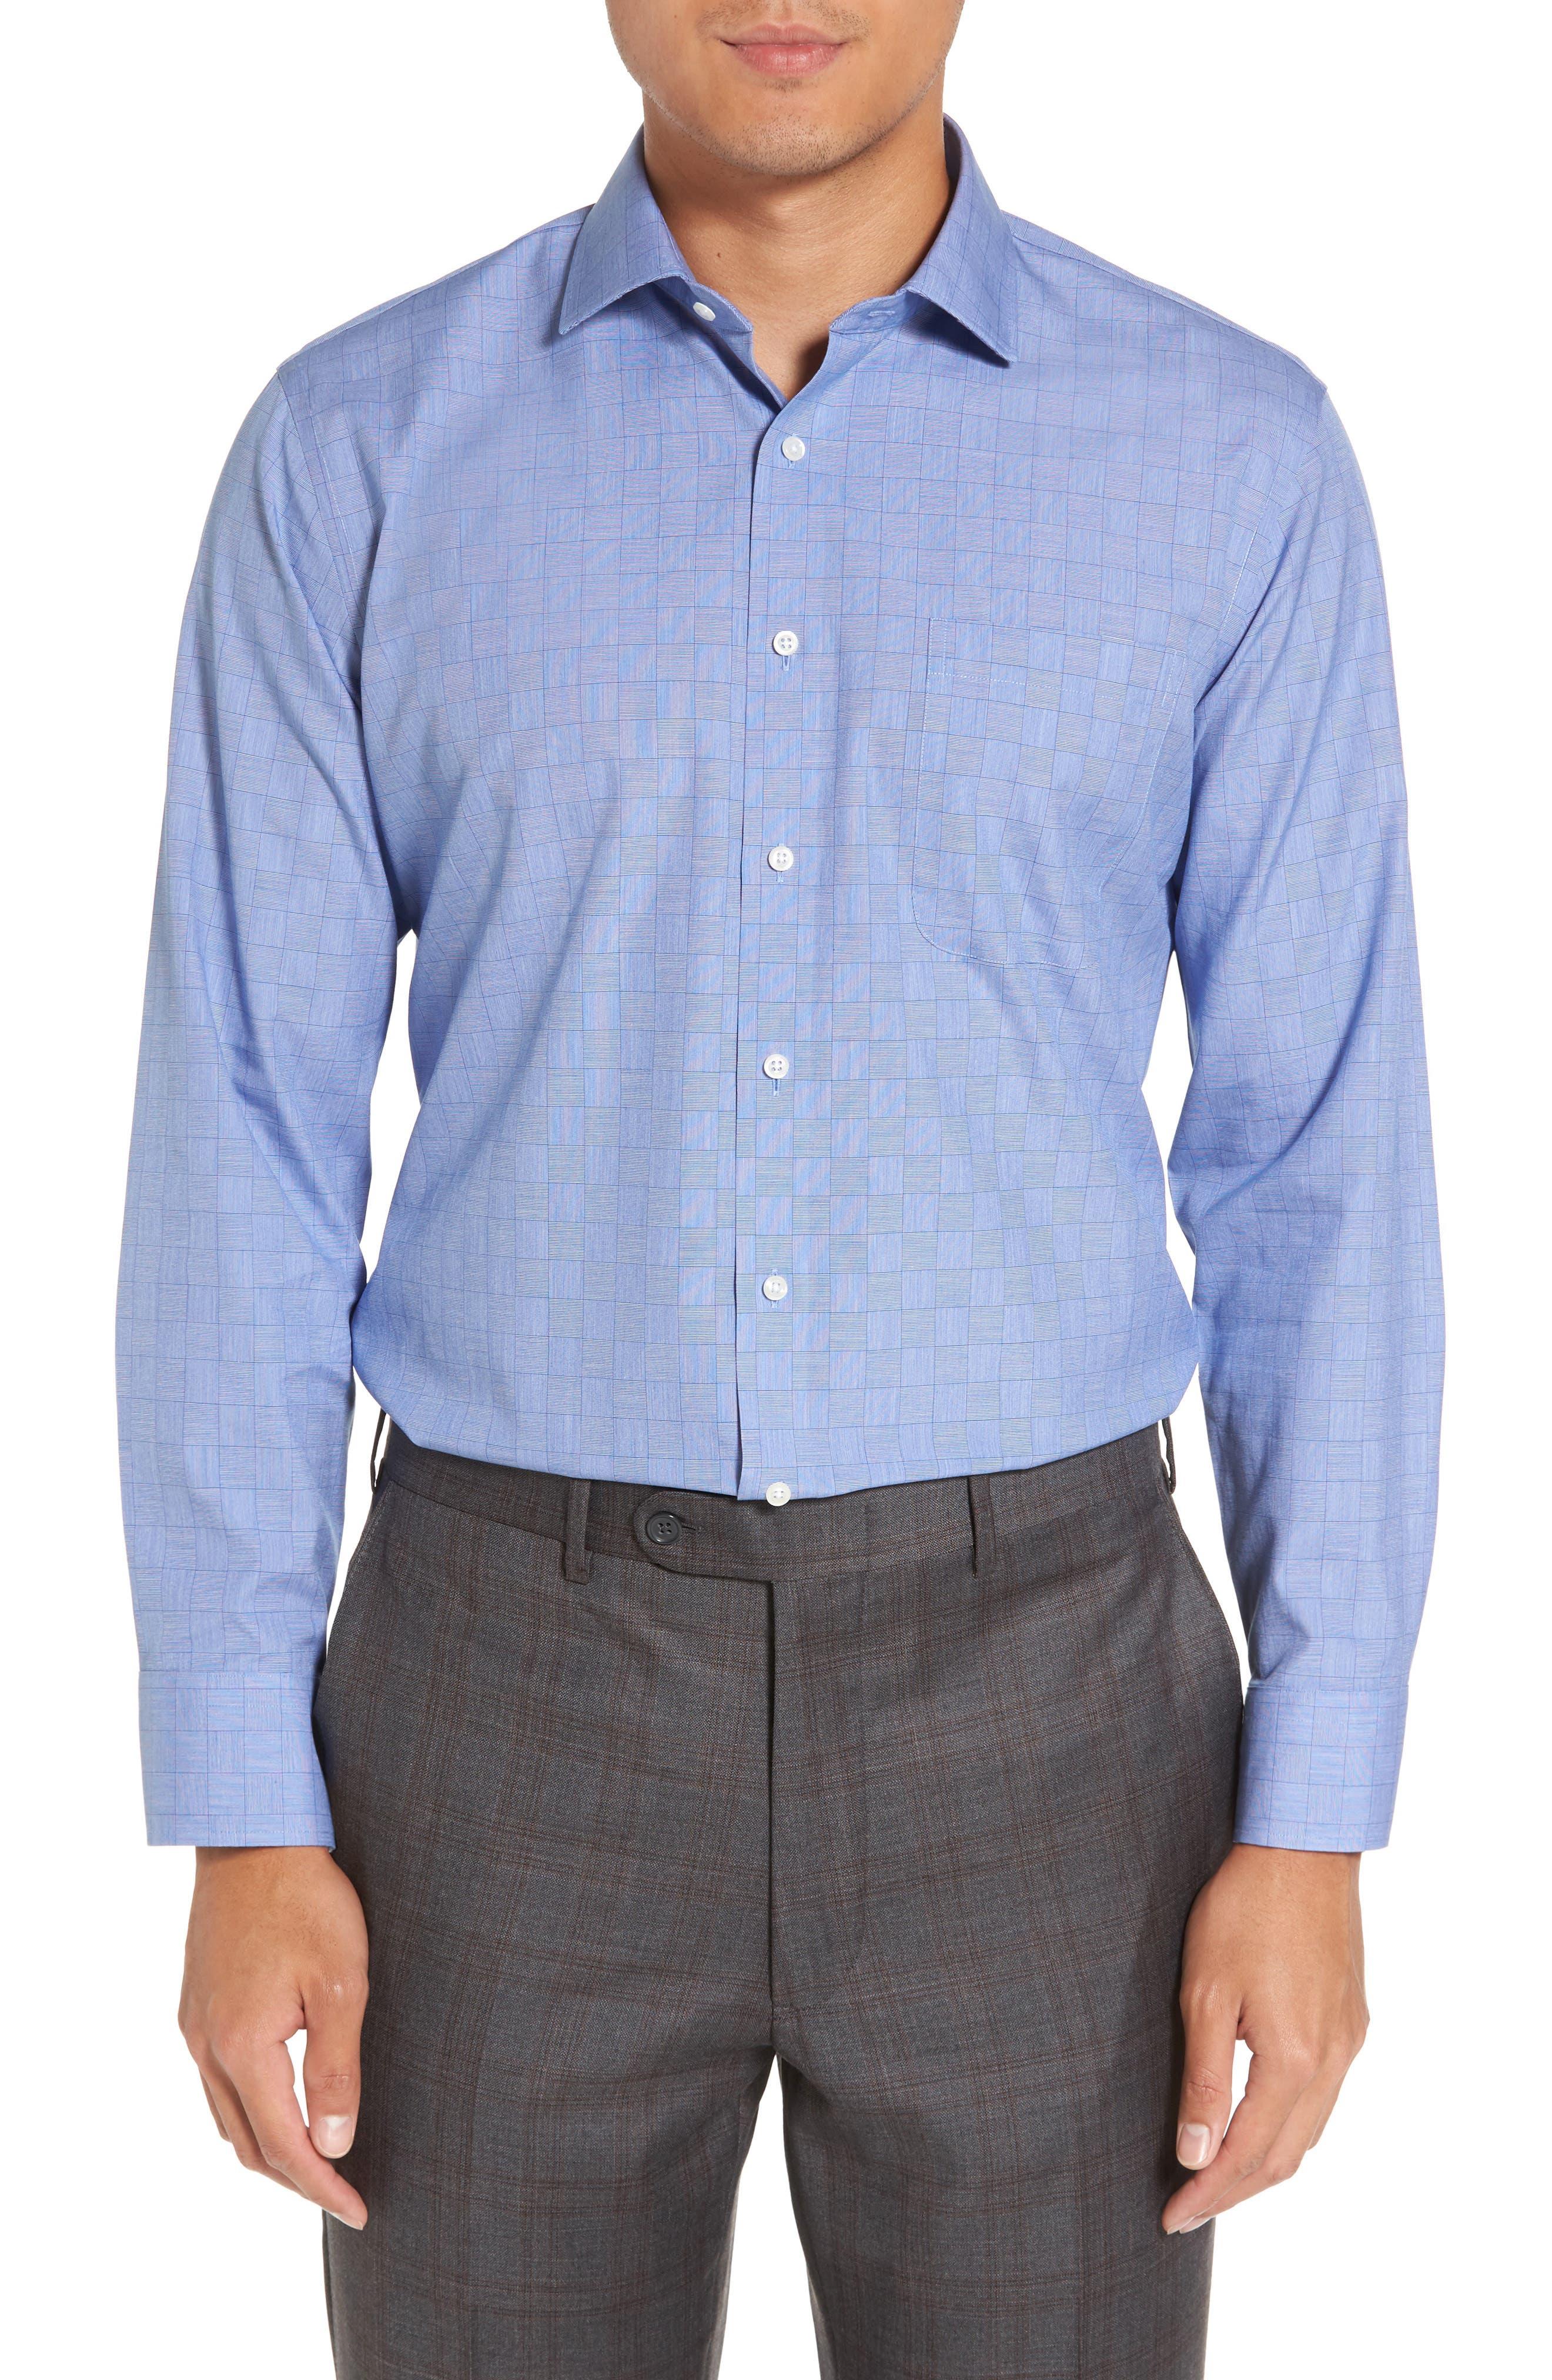 Smartcare<sup>™</sup> Trim Fit Check Dress Shirt,                             Main thumbnail 1, color,                             Blue Regatta